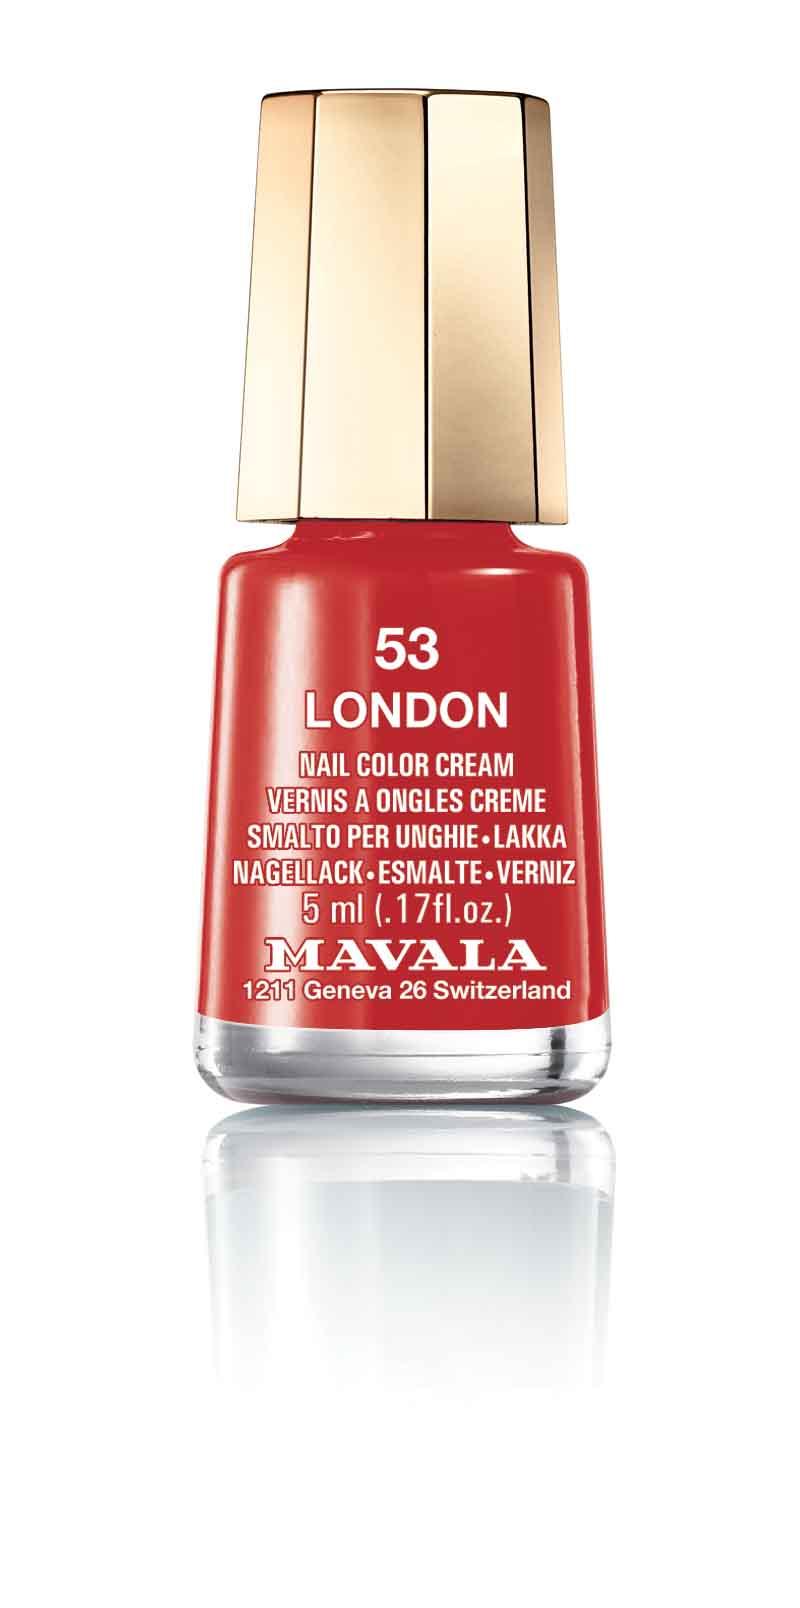 53 LONDON